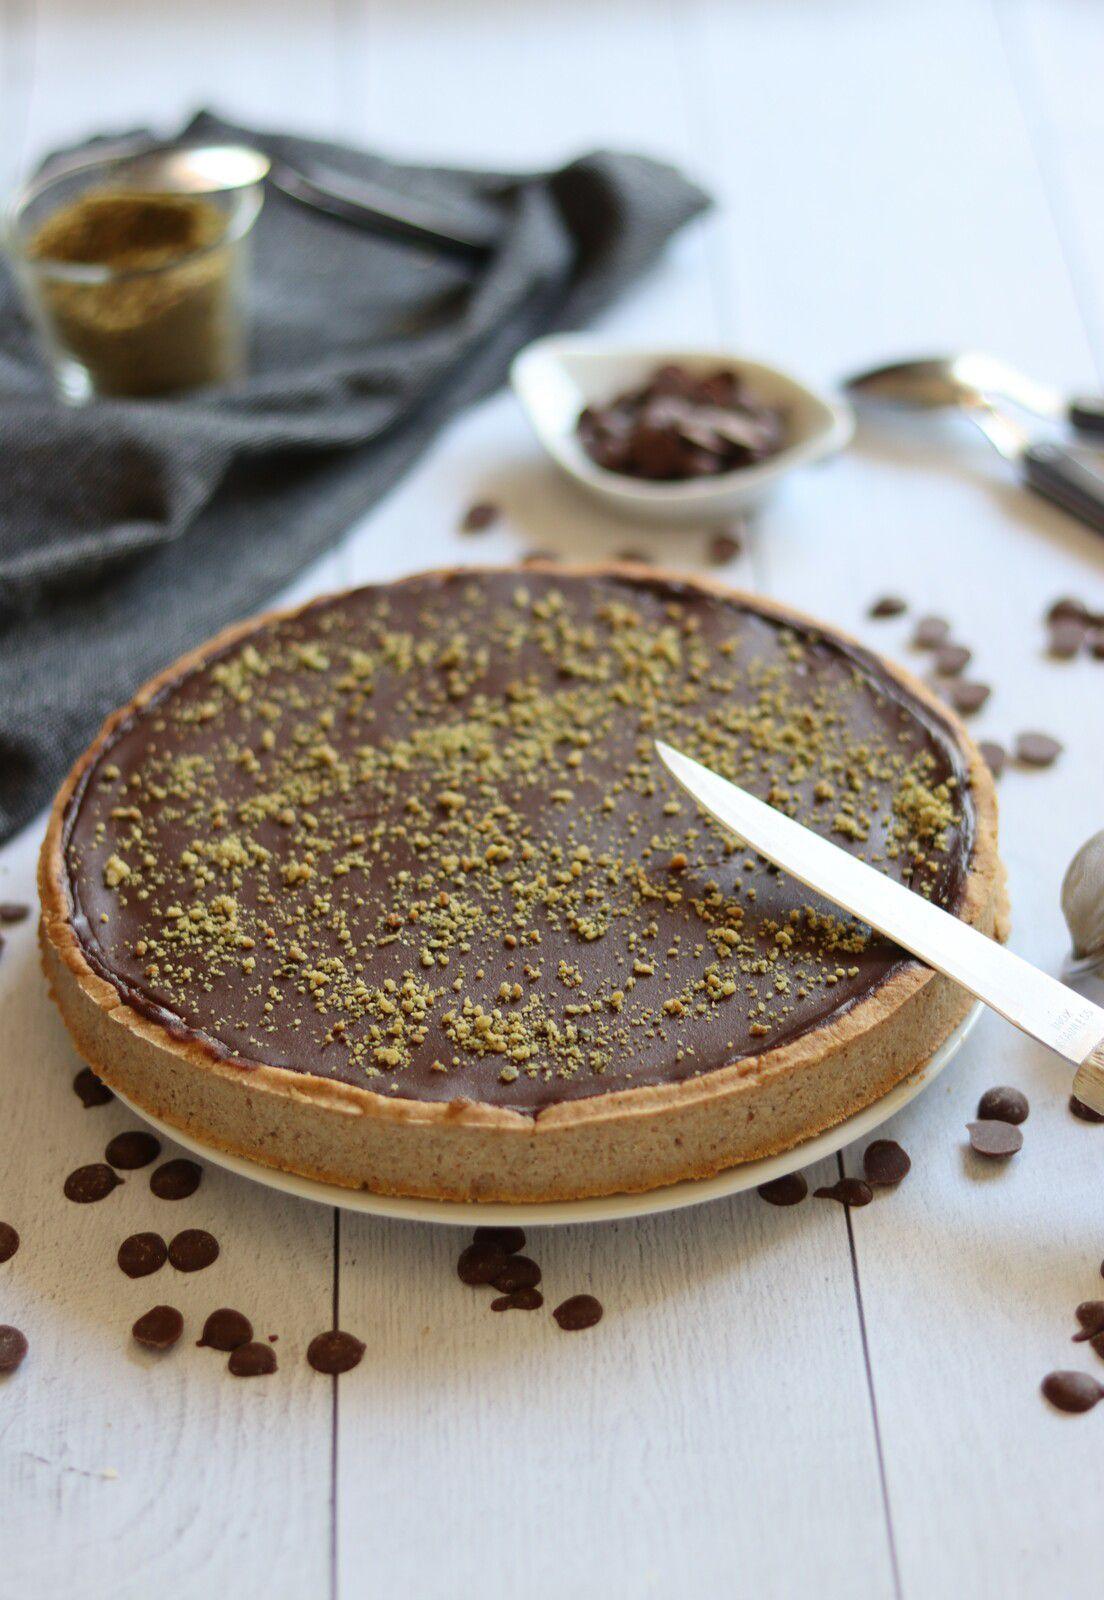 Tarte Au Chocolat Sans Oeuf : tarte, chocolat, Tarte, Banane, Chocolat, {sans, Gluten,, Lait,, œufs}, Allergique, Gourmand